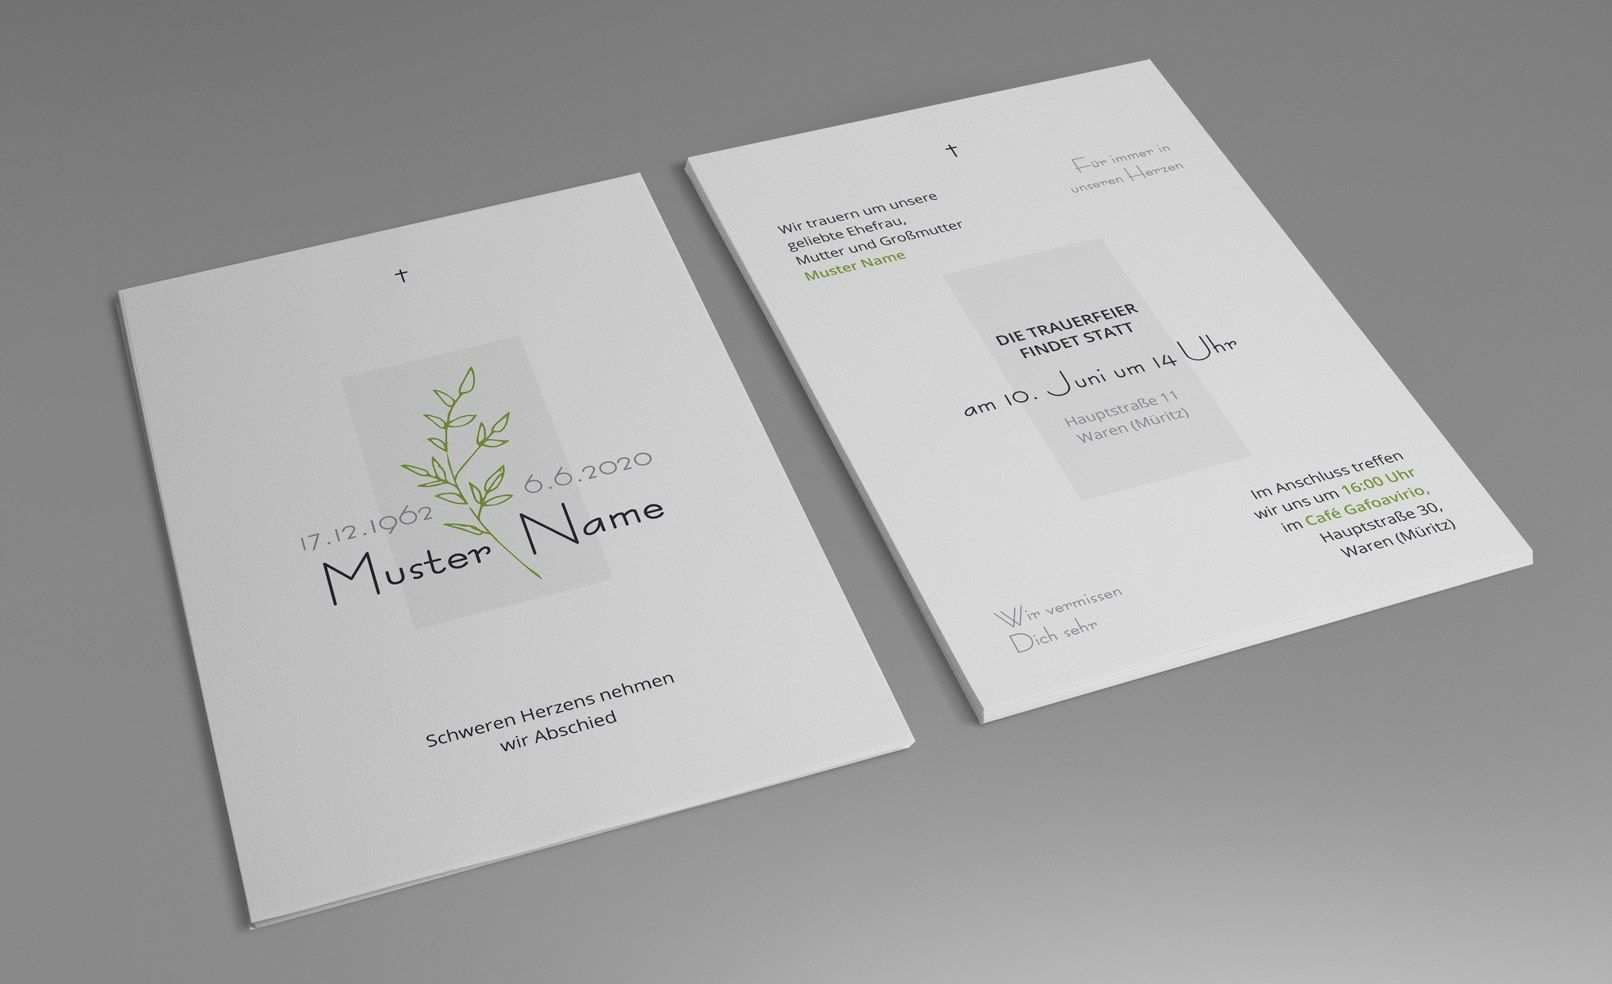 Trauerkarten Vorlagen Fur Einladungen Zu Beerdigung Und Trauerfeier Trauerkarte Trauerfeier Trauerkarten Gestalten